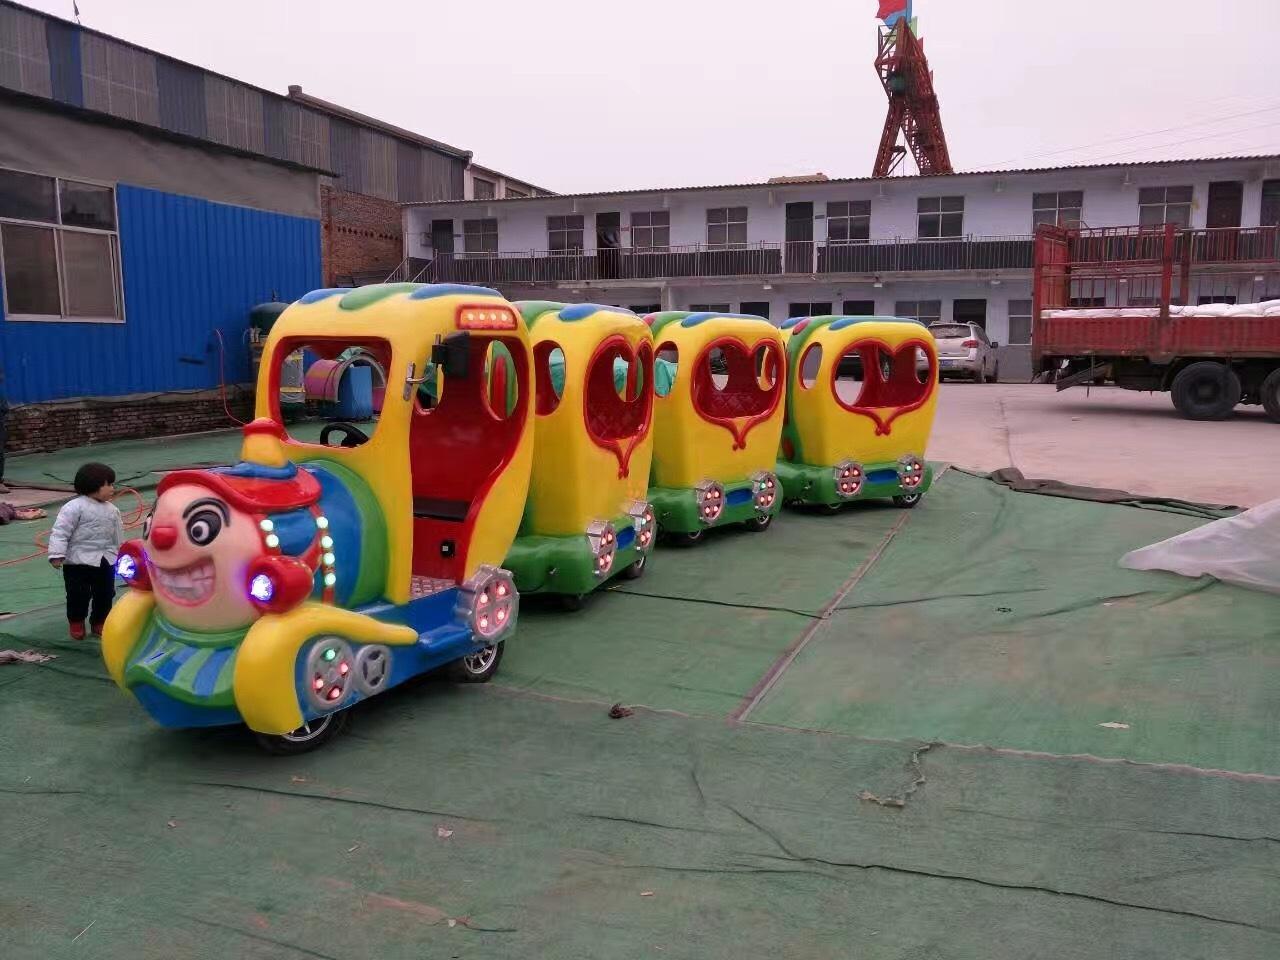 2020仿古观光火车儿童游乐设备 郑州无轨观光火车大洋生产厂家直销游艺设施示例图11